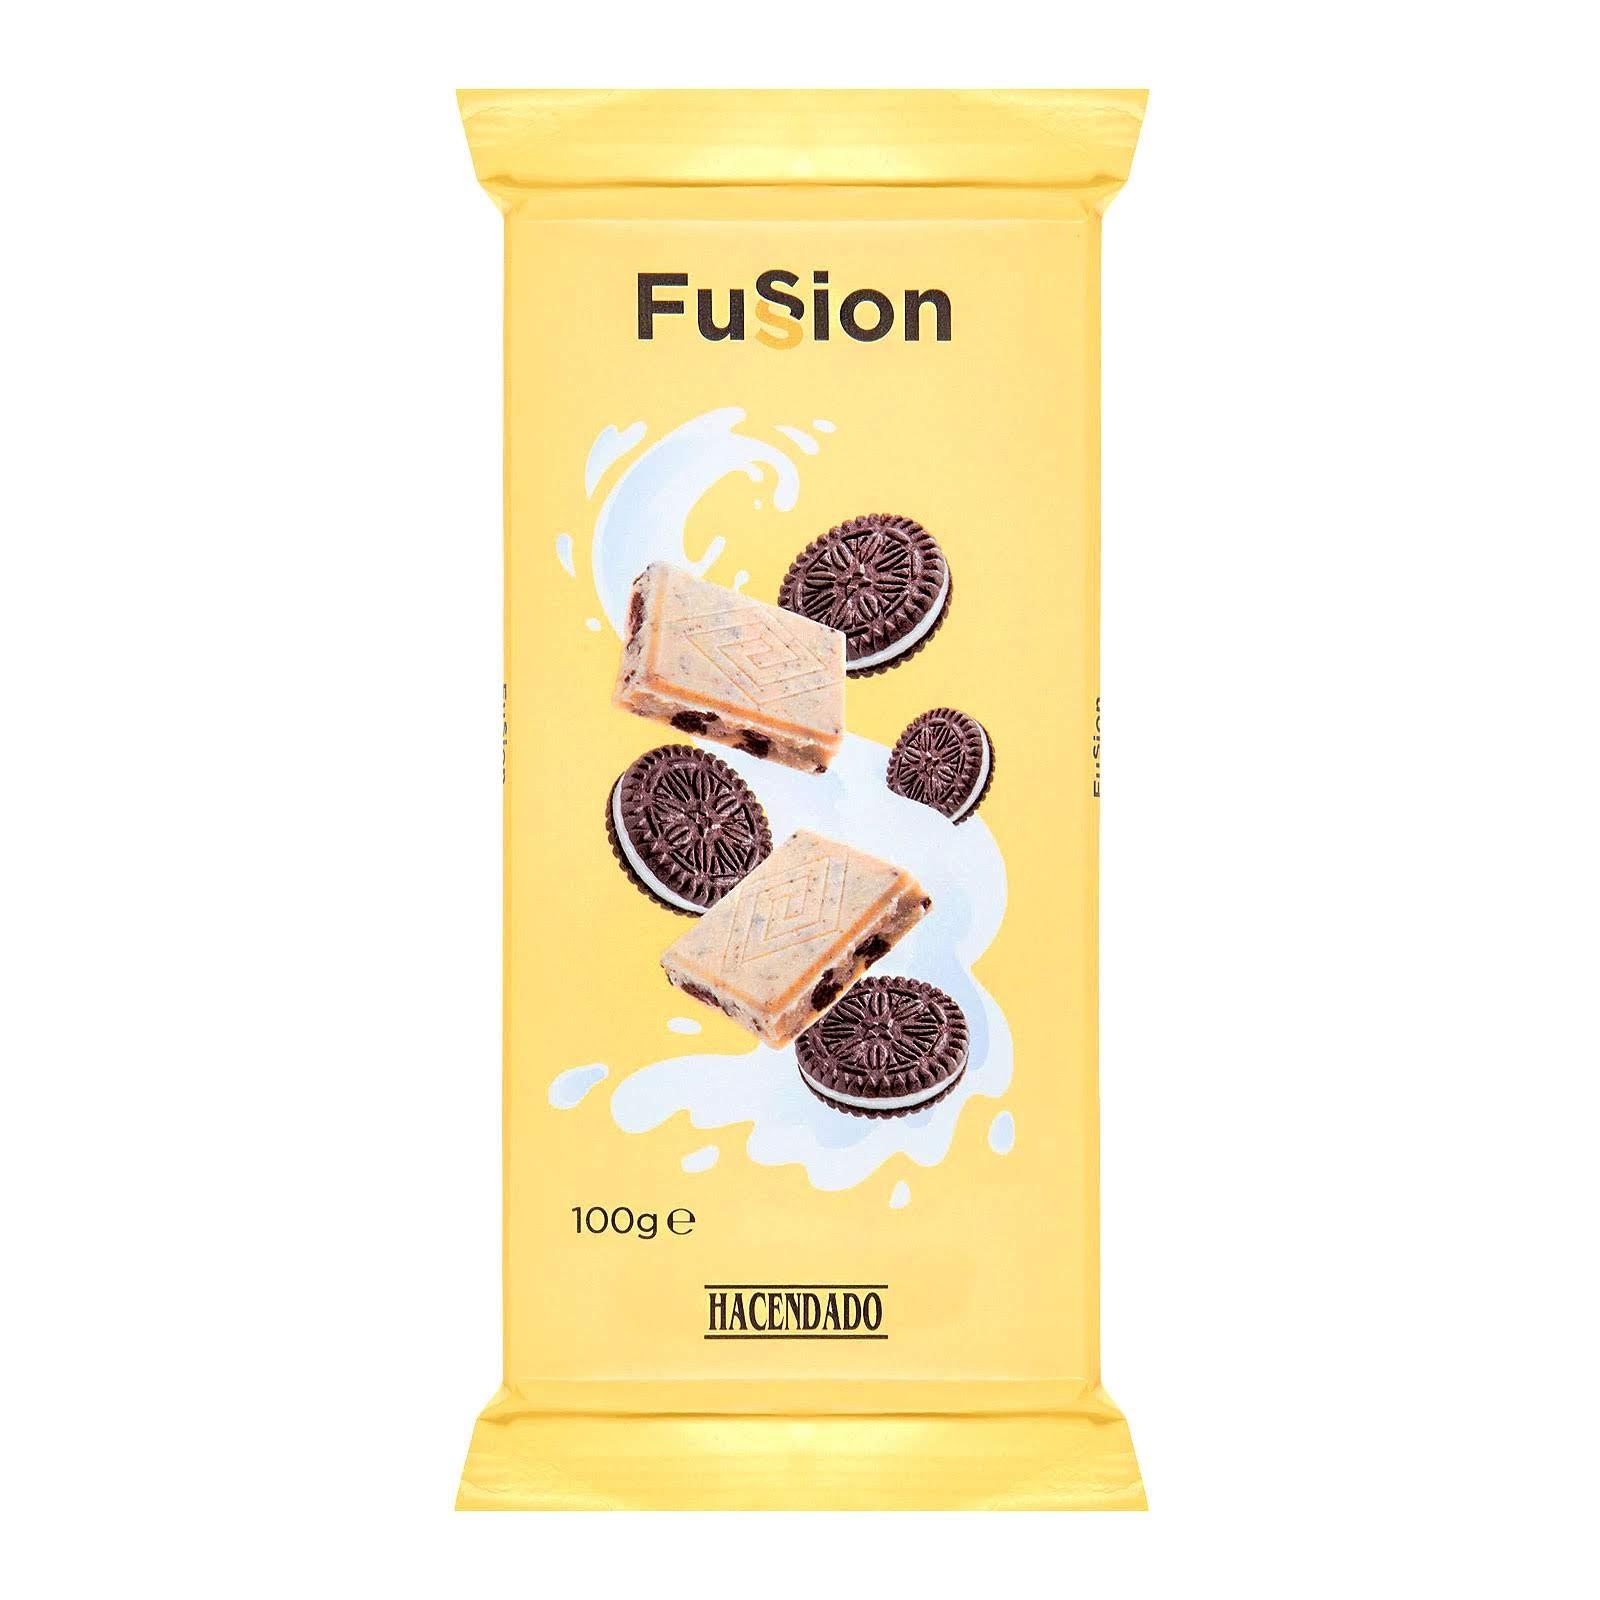 Chocolate blanco con galletas al cacao Fussion Hacendado